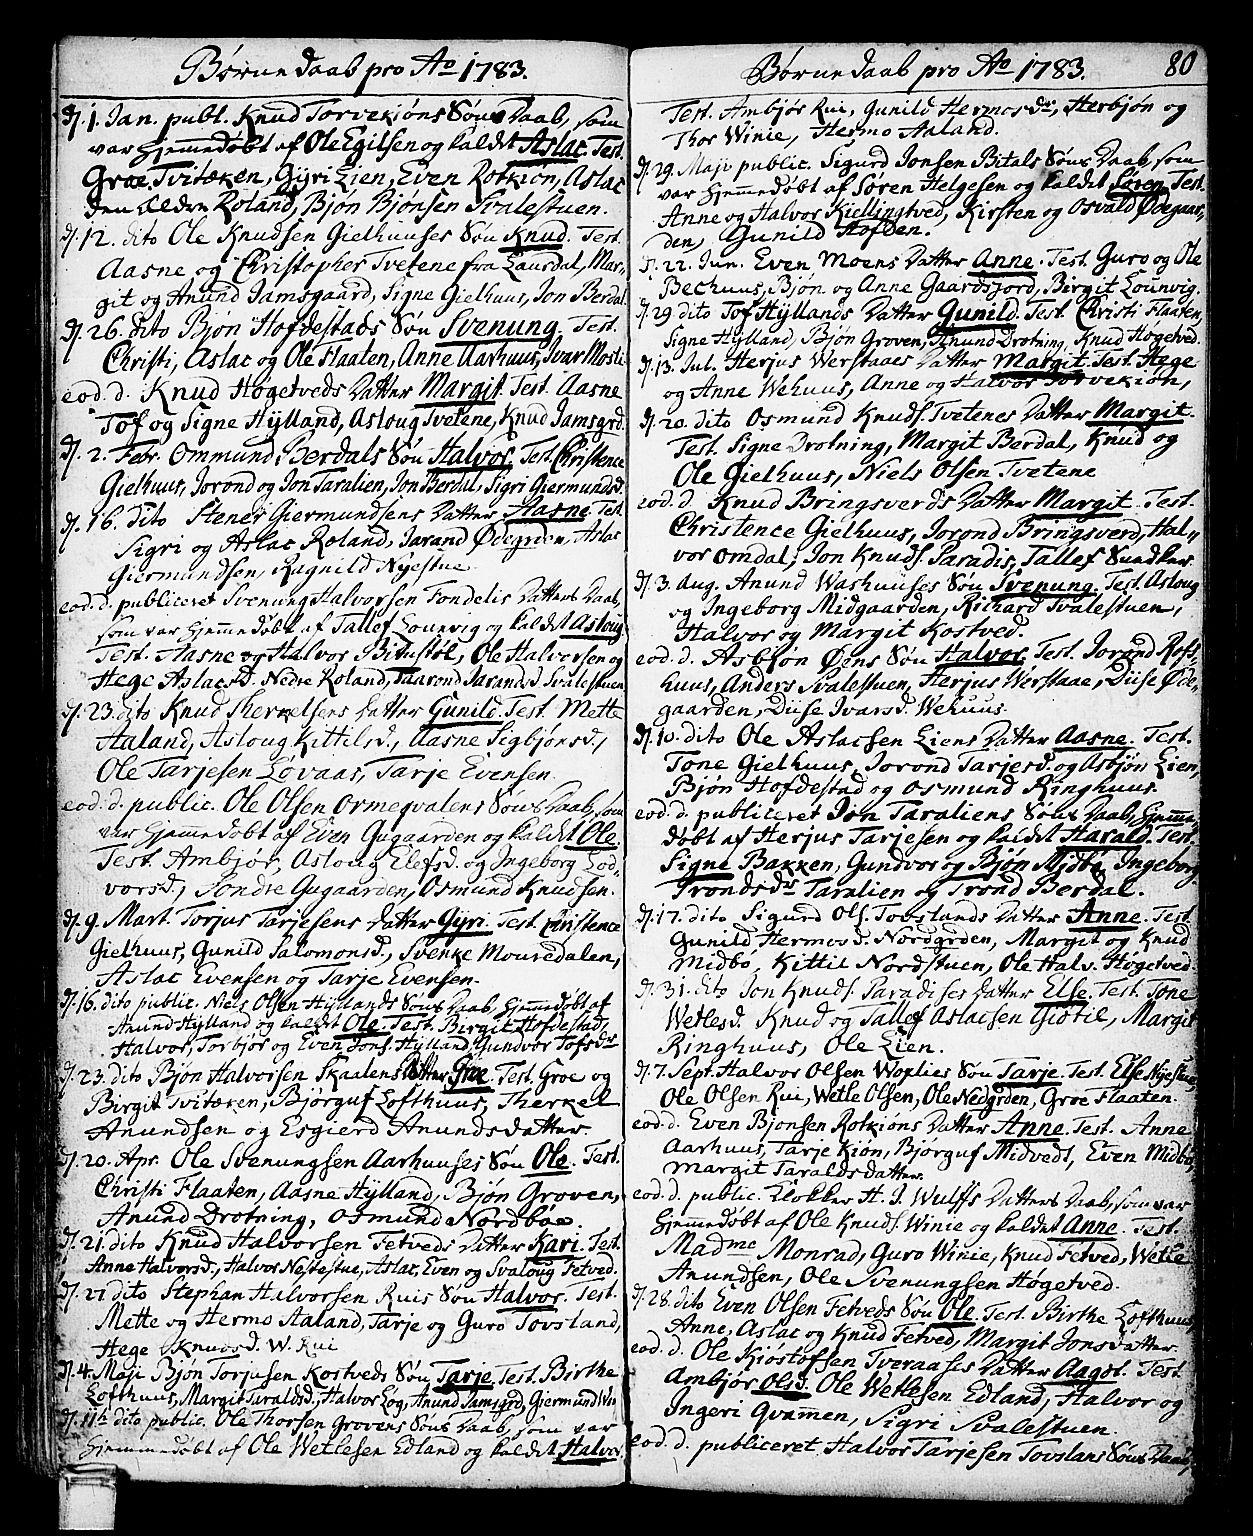 SAKO, Vinje kirkebøker, F/Fa/L0002: Ministerialbok nr. I 2, 1767-1814, s. 80